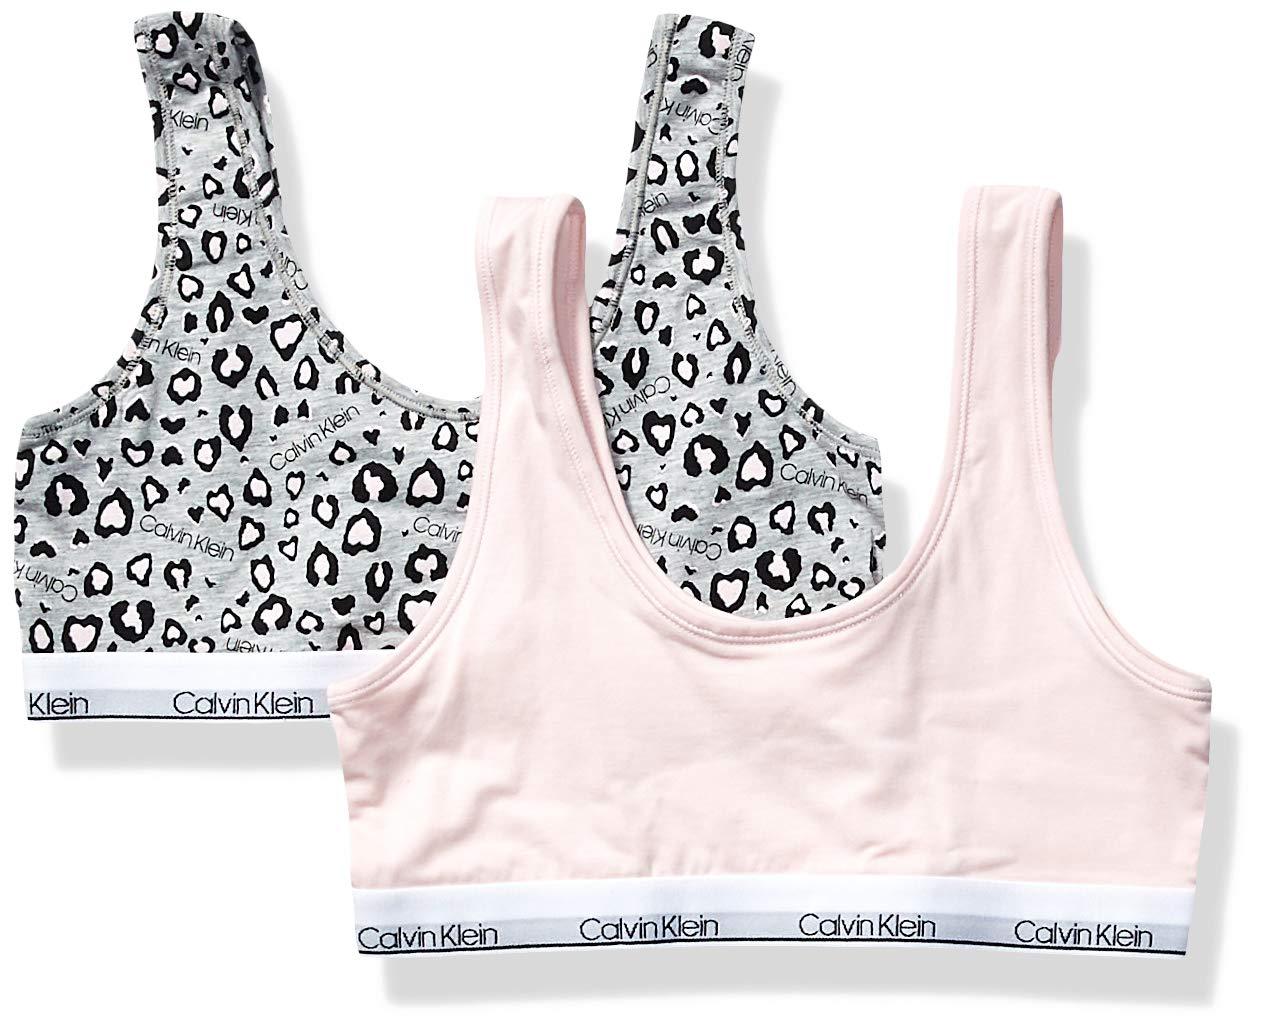 Calvin Klein  Girl's Modern Cotton Bralette Underwear, ck Leo Heather, Crystal Pink, Small, S,Little Girls by Calvin Klein